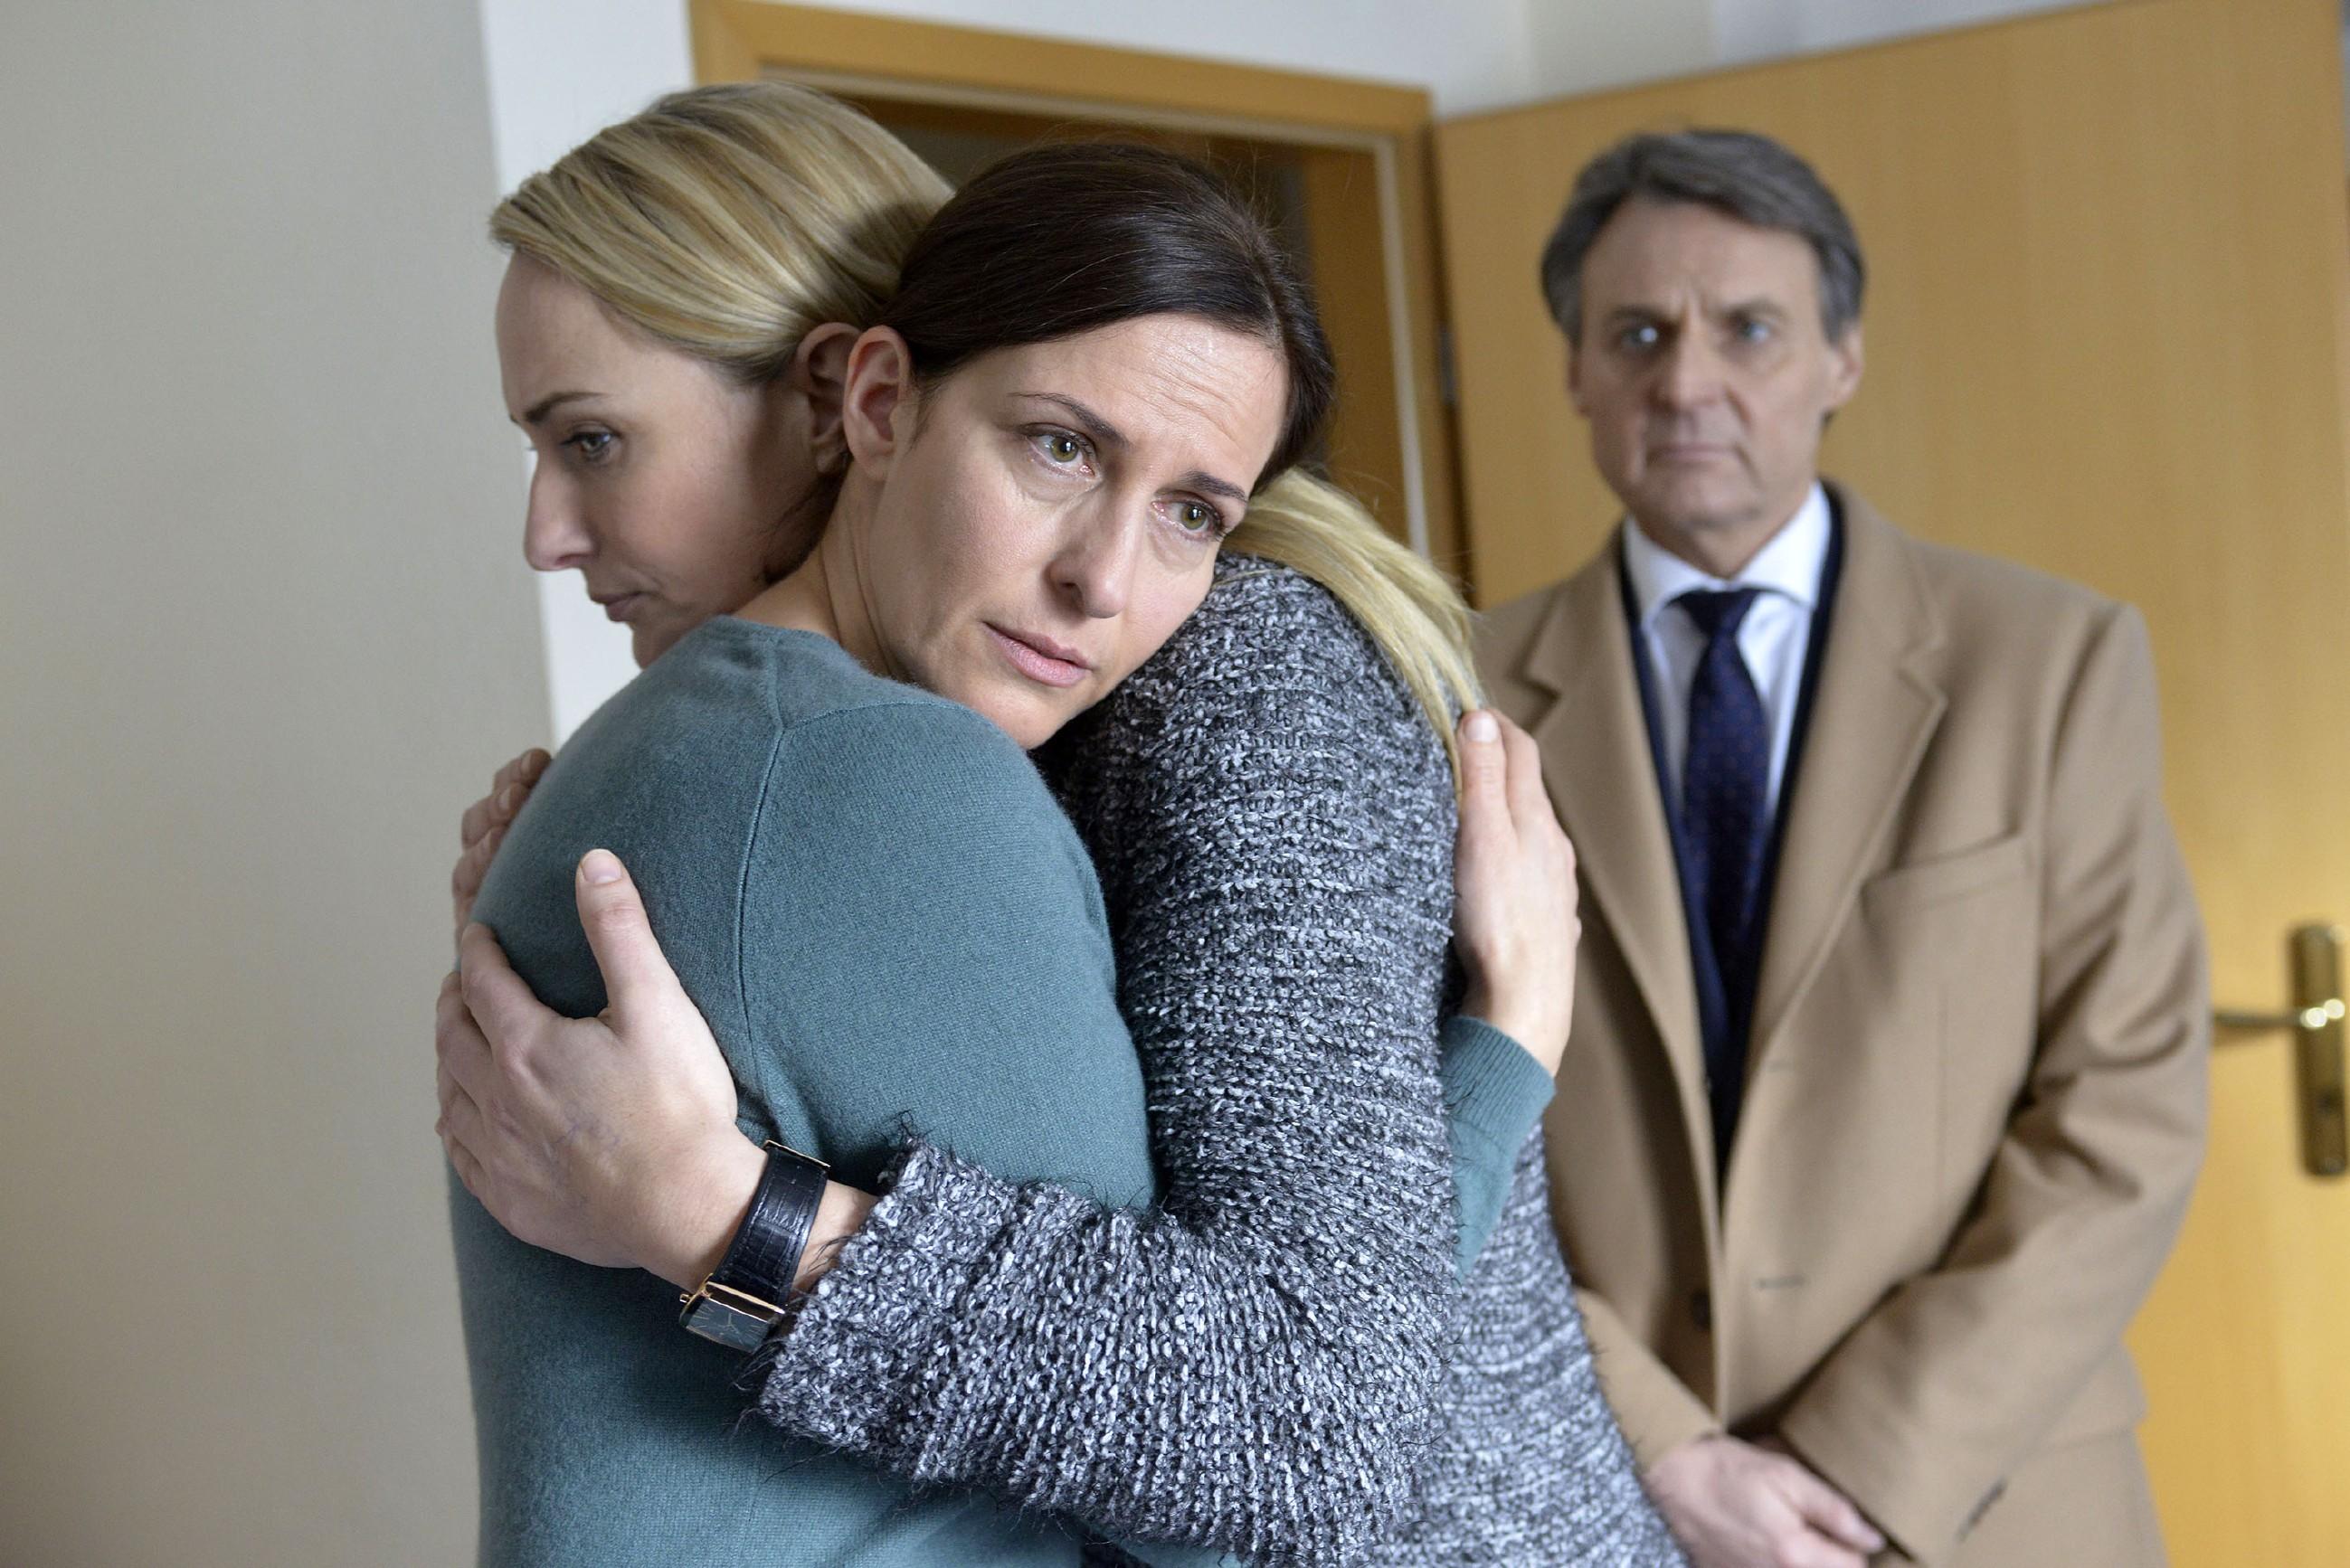 Maren (Eva Mona Rodekirchen, l.) und Gerner (Wolfgang Bahro) finden die benommene Katrin (Ulrike Frank) in ihrem Hotelzimmer in Schweden vor und wollen sie zurück nach Berlin bringen. (Quelle: RTL / Rolf Baumgartner)